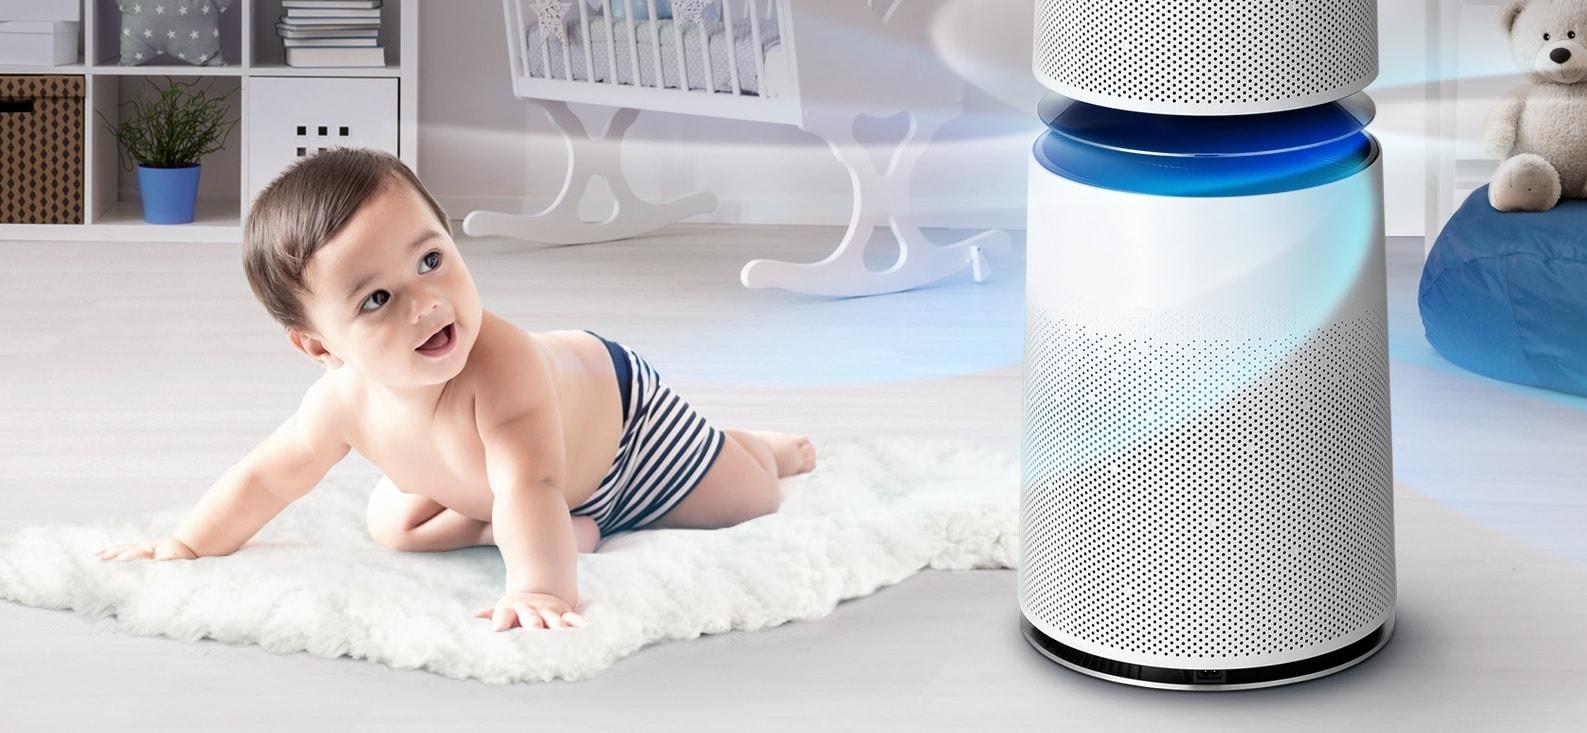 Oczyszczacz powietrza LG AS95GDWV0 filtracja powietrza opcje dodatkowe